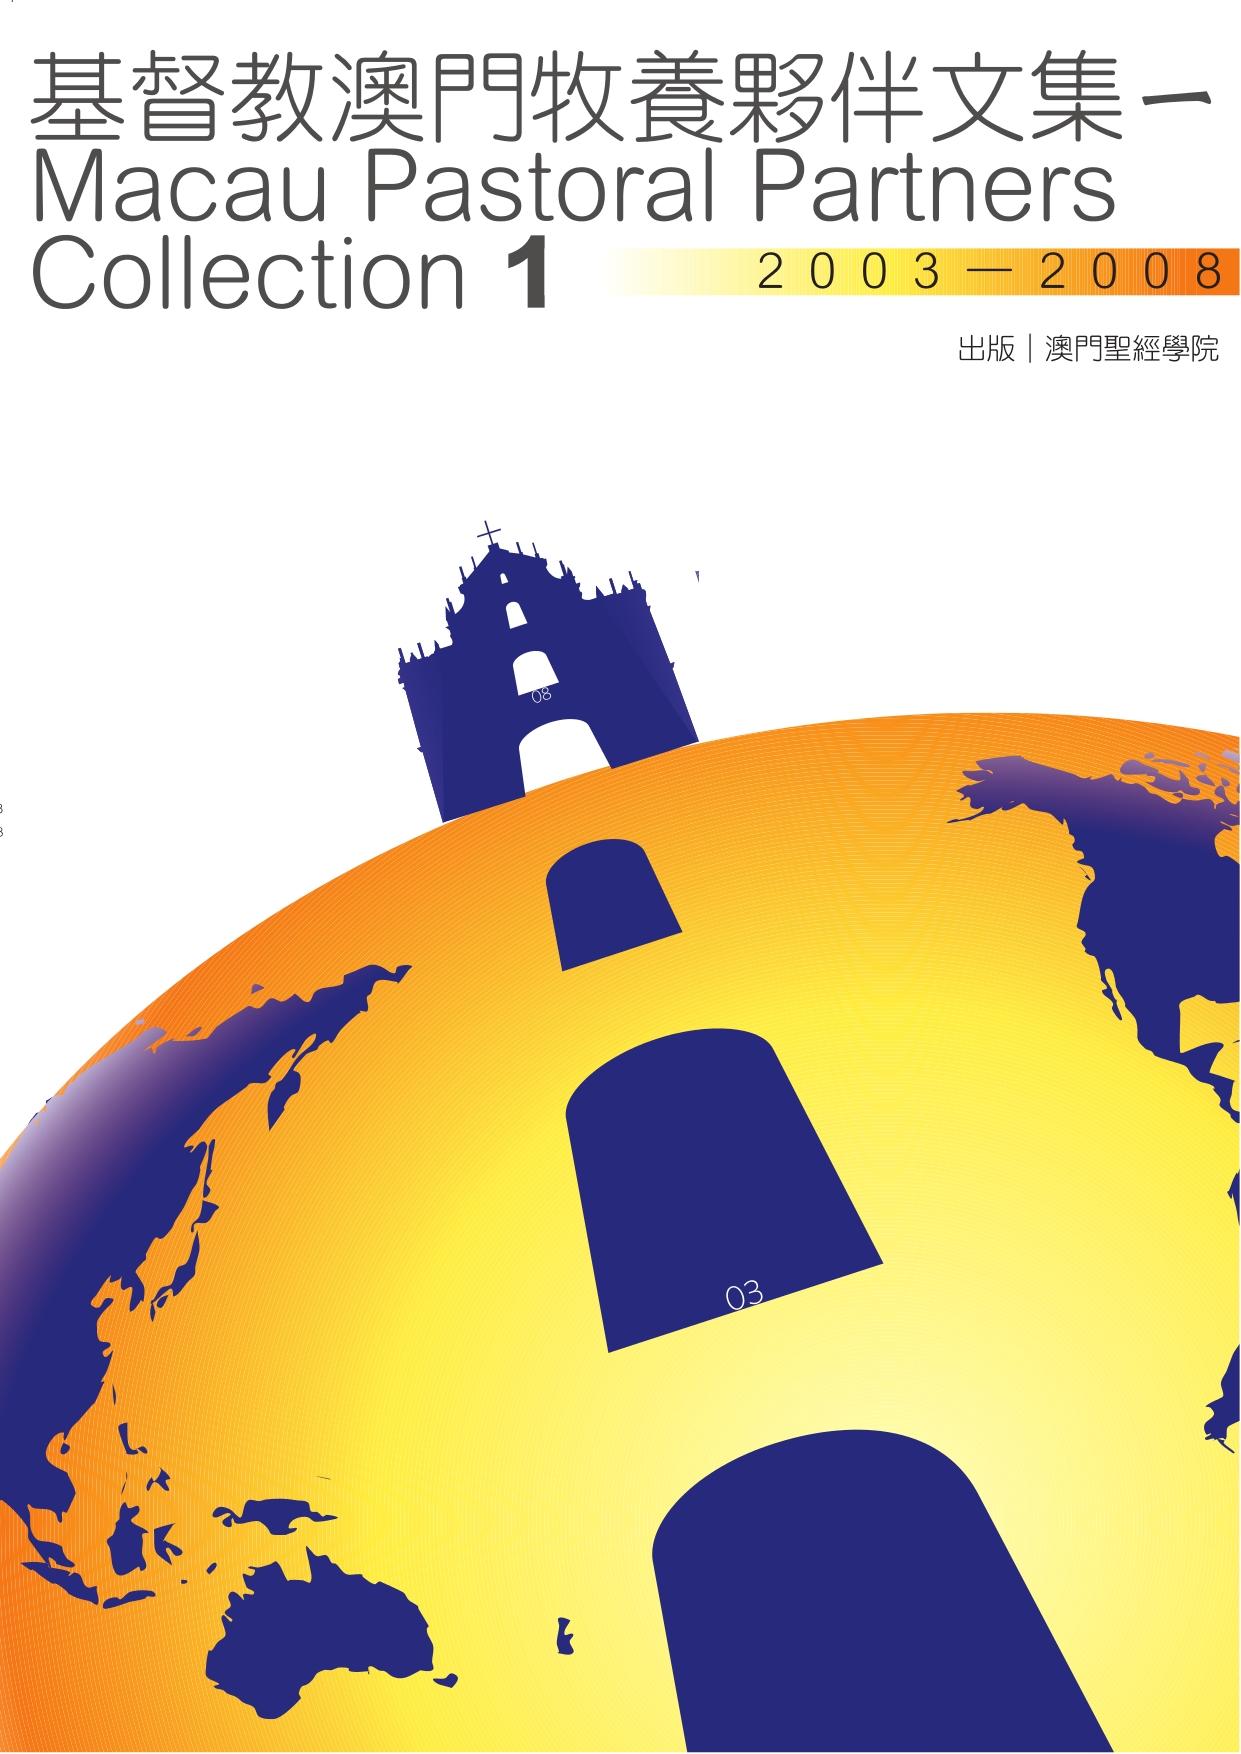 基督教澳門牧養夥伴文集一(2003-2008)